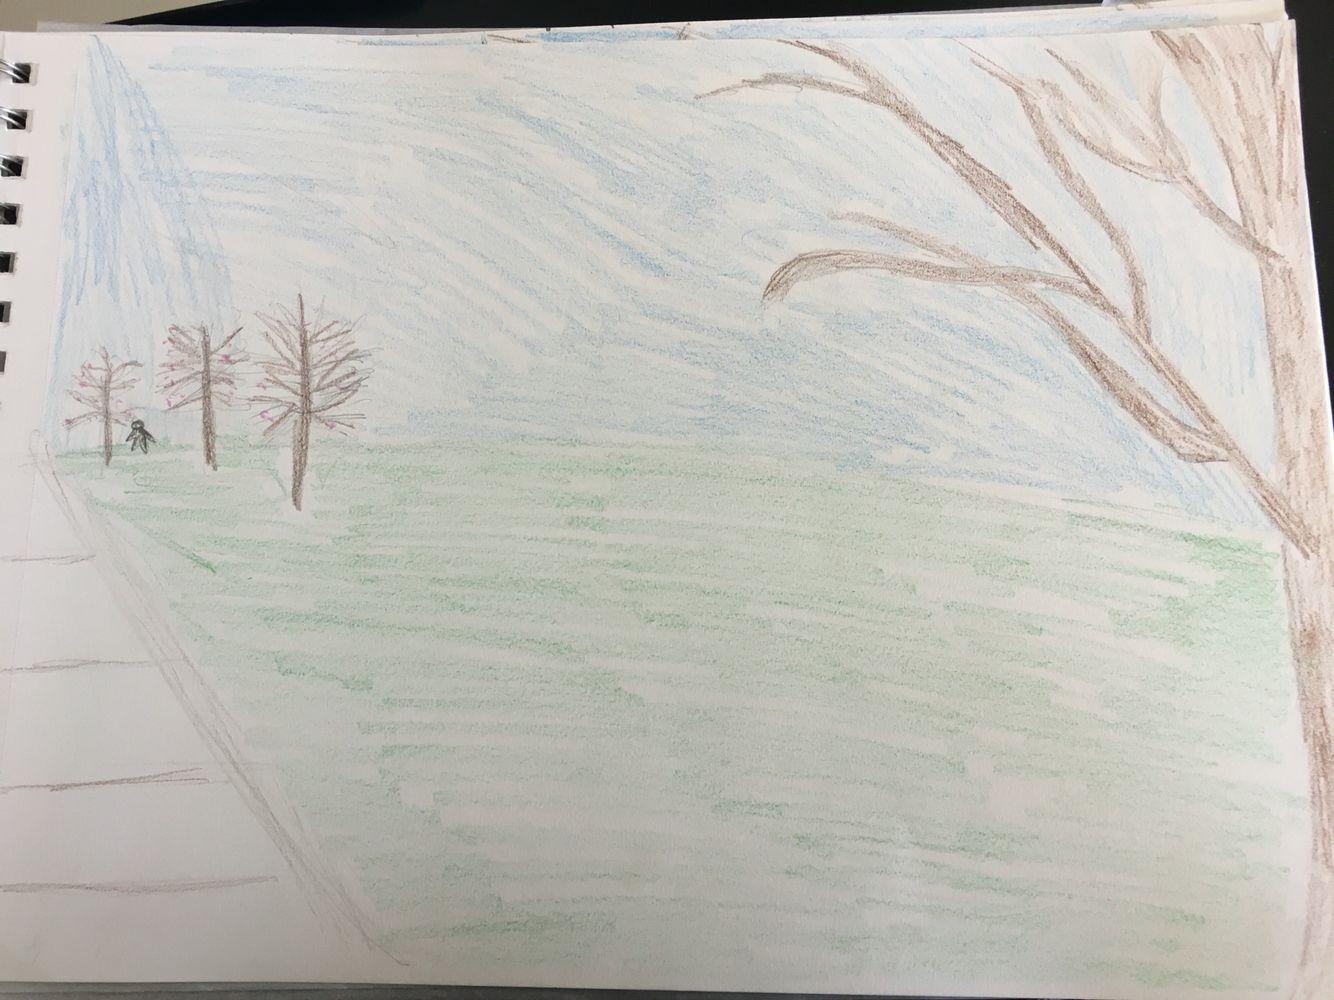 Weekly sketch